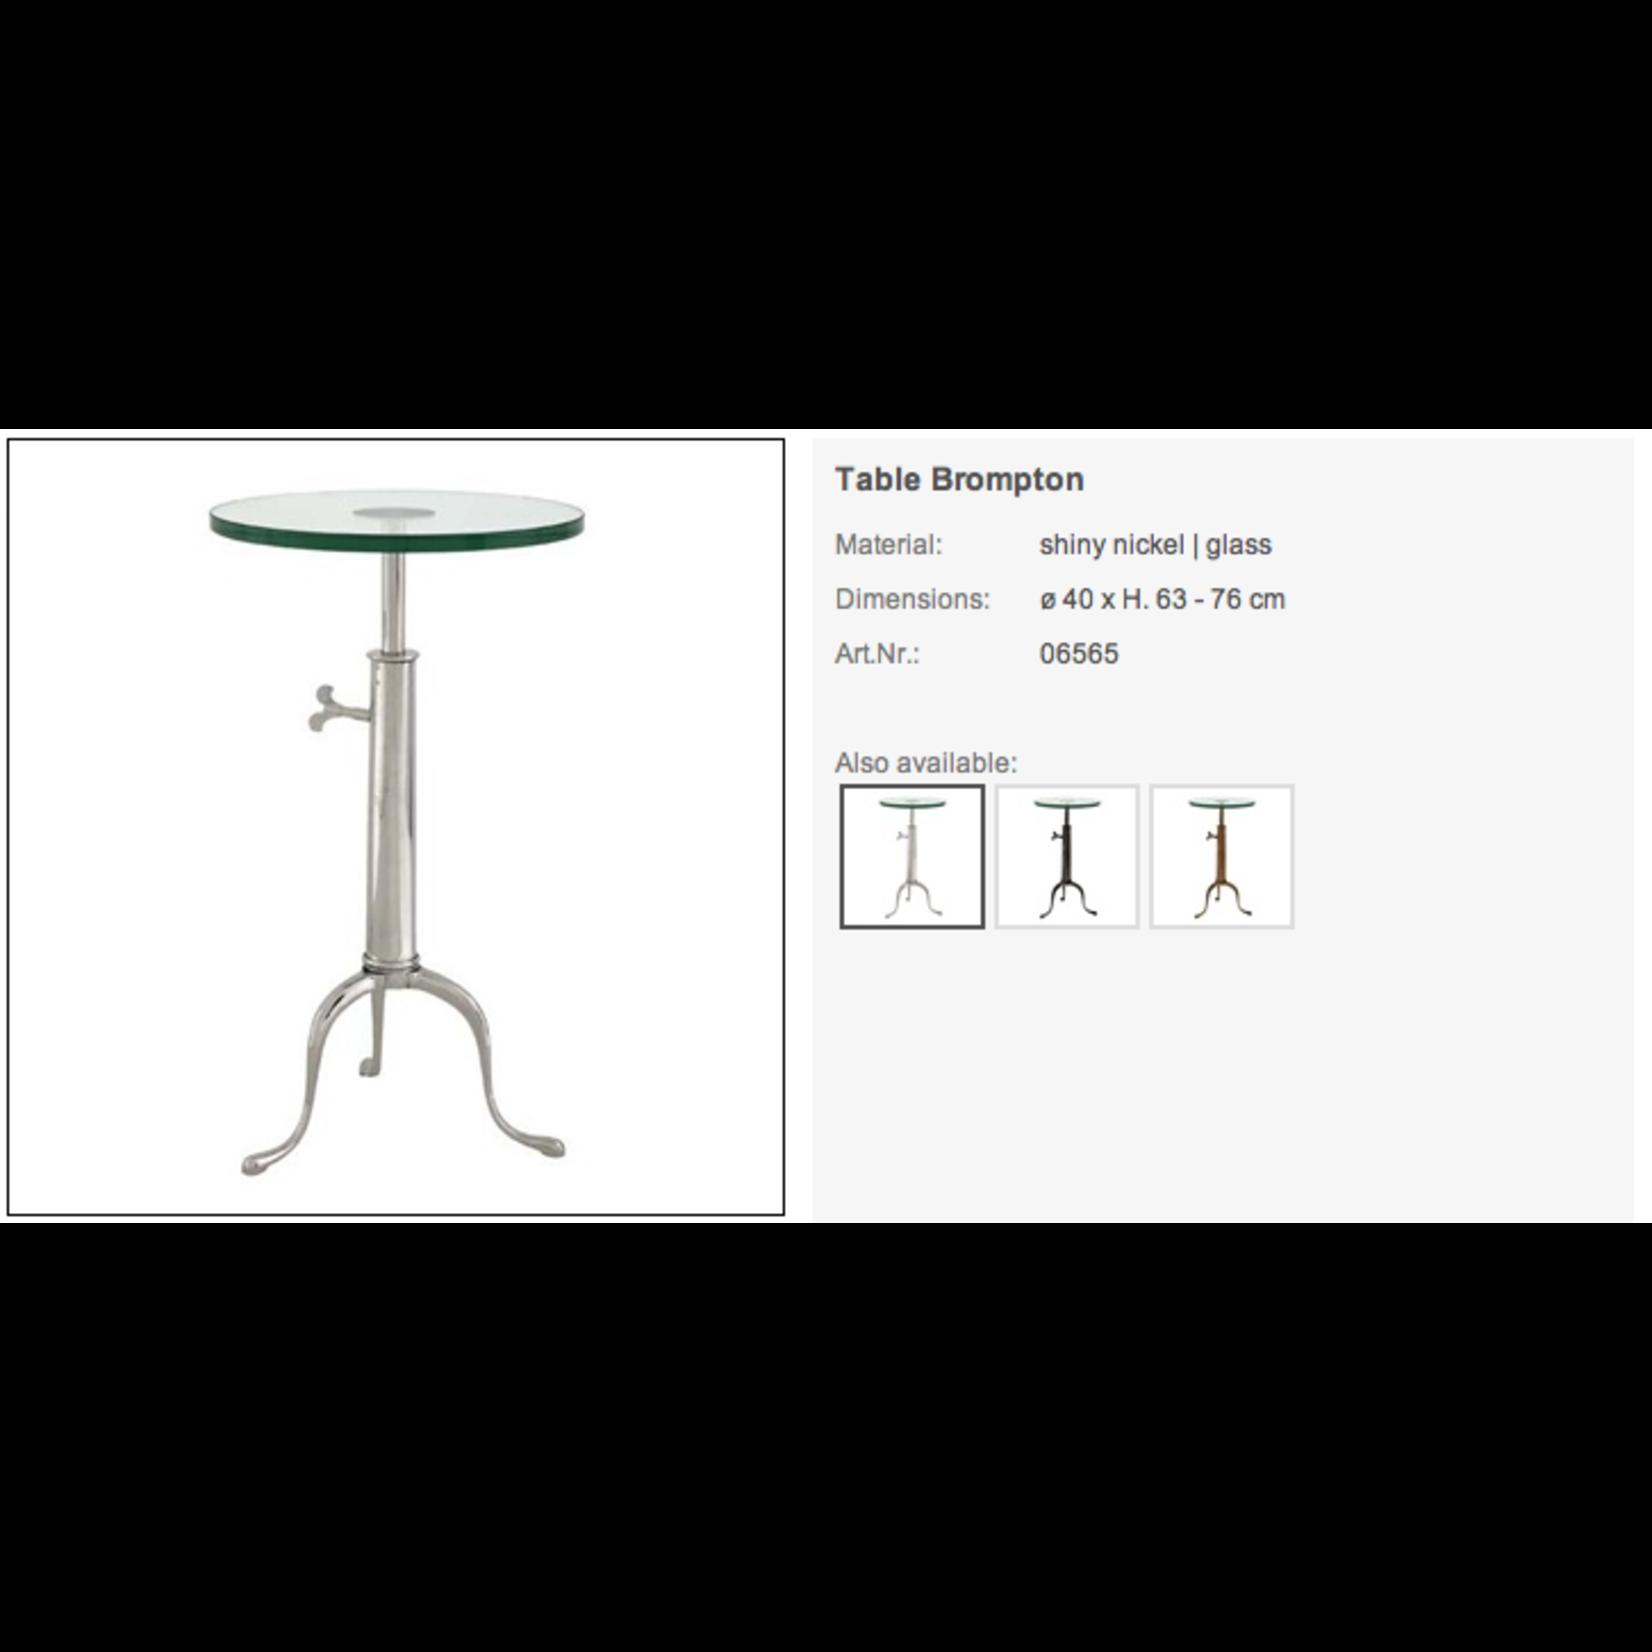 EICHHOLTZ TABLE BROMPTON SHINY NICKEL/GLASS